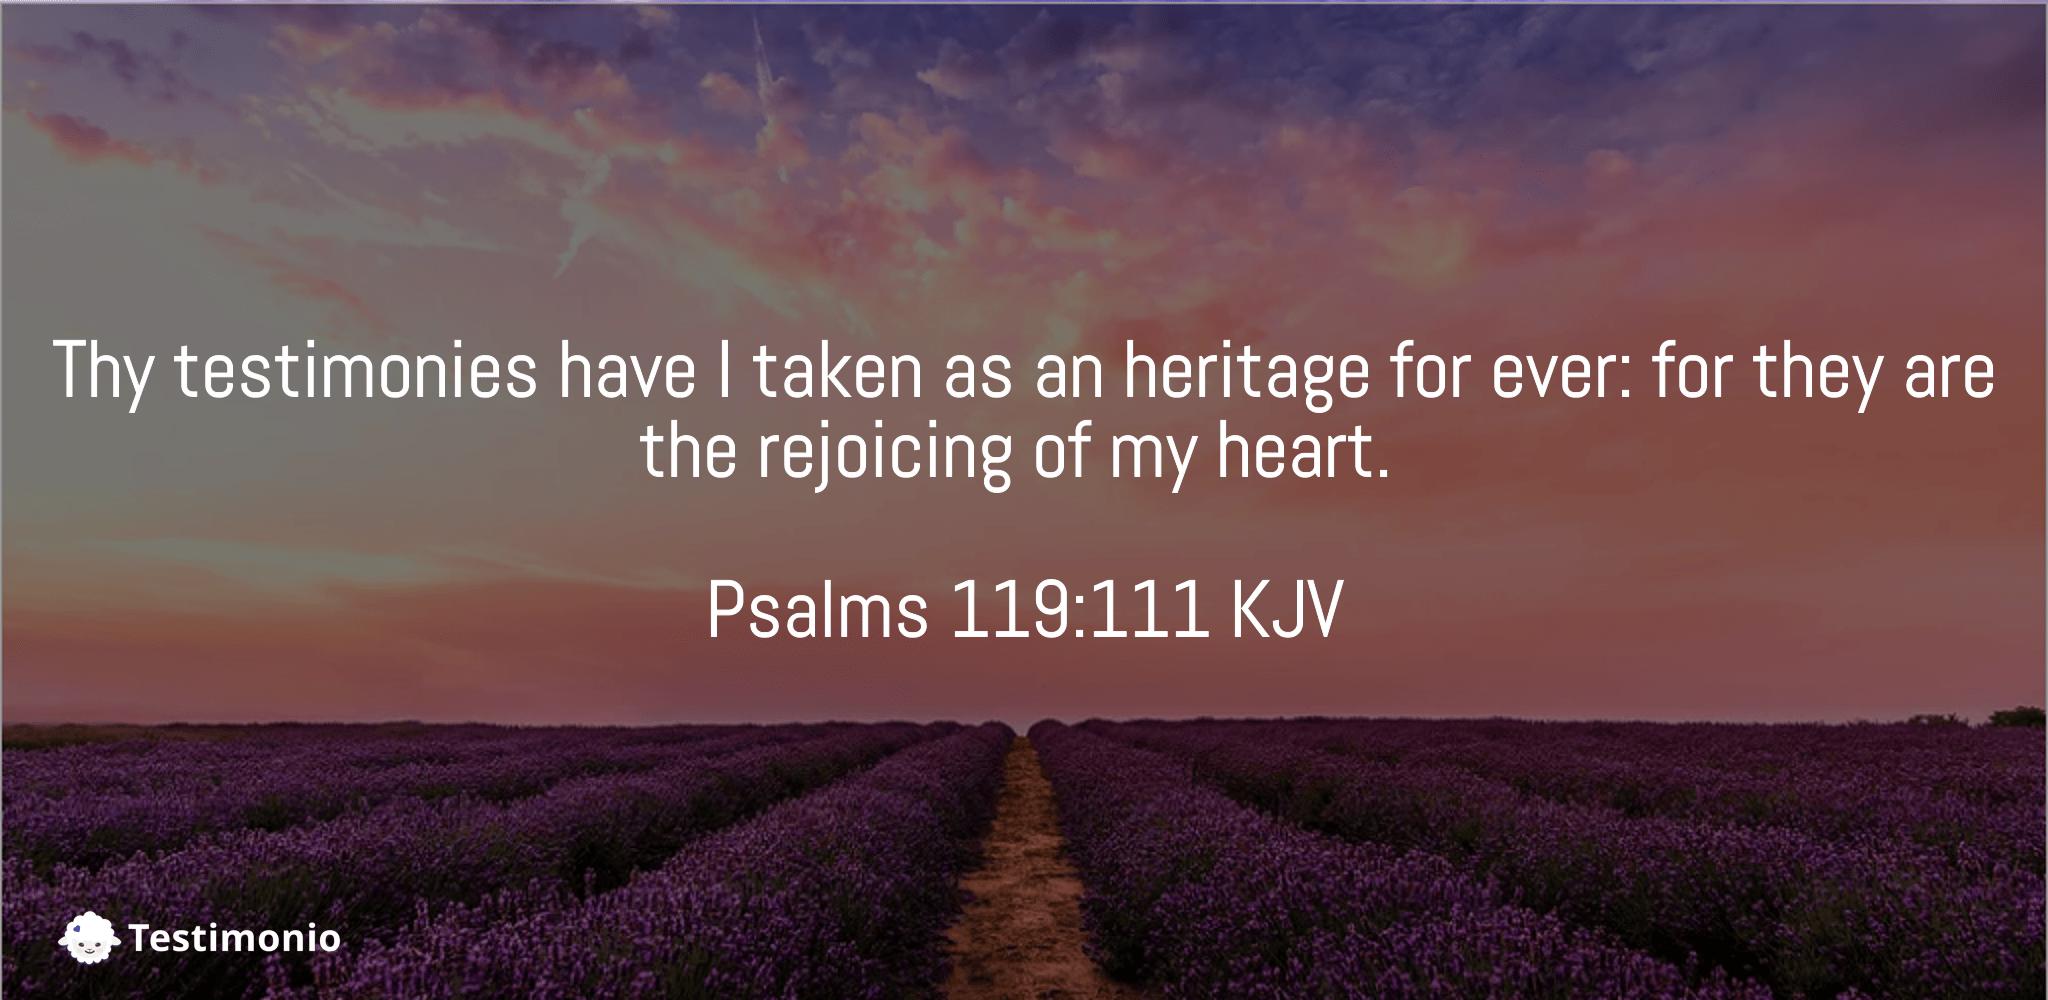 Psalms 119:111